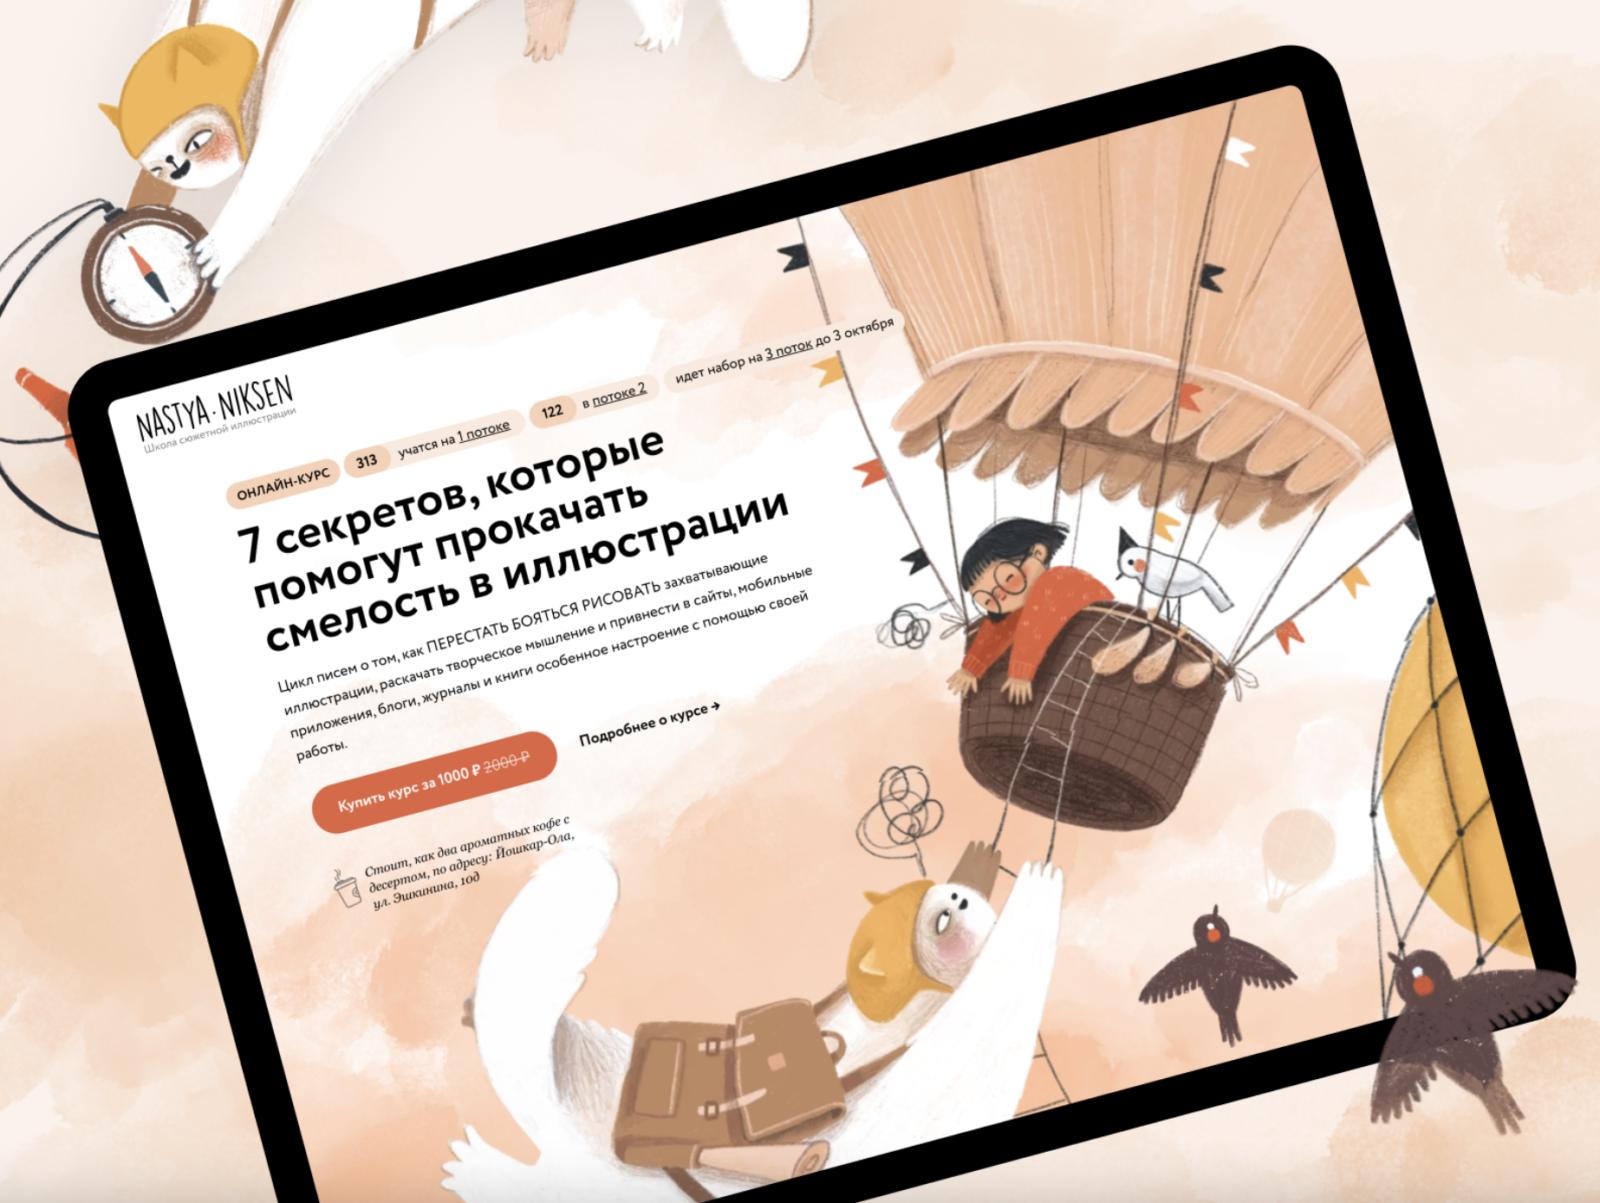 Школа Никсен: создание коммерческих креативов, графики, рекламы, образов, иллюстраций — развитие свободы творческой мысли и мастерства